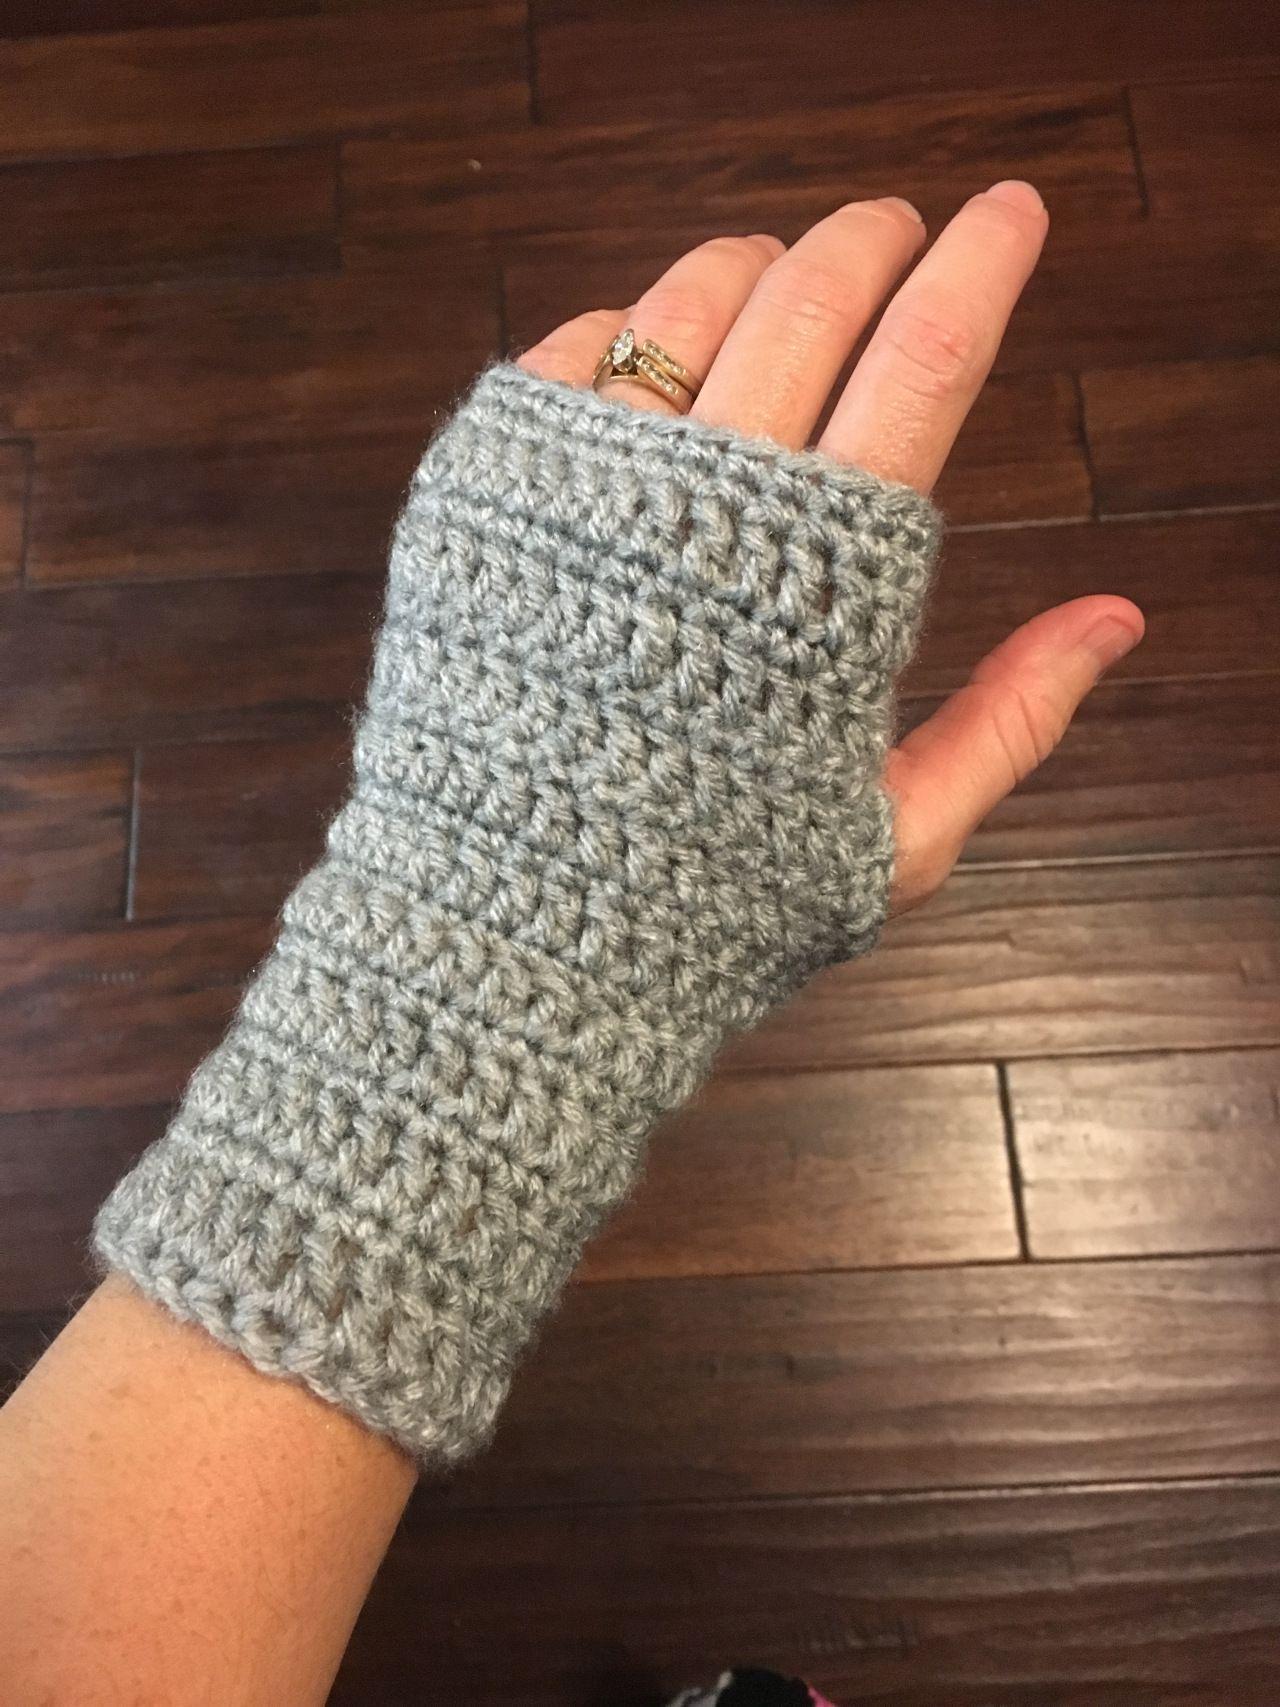 Simple Crochet Wrist Warmers | Stulpen, Häkeln für baby und Strümpfe